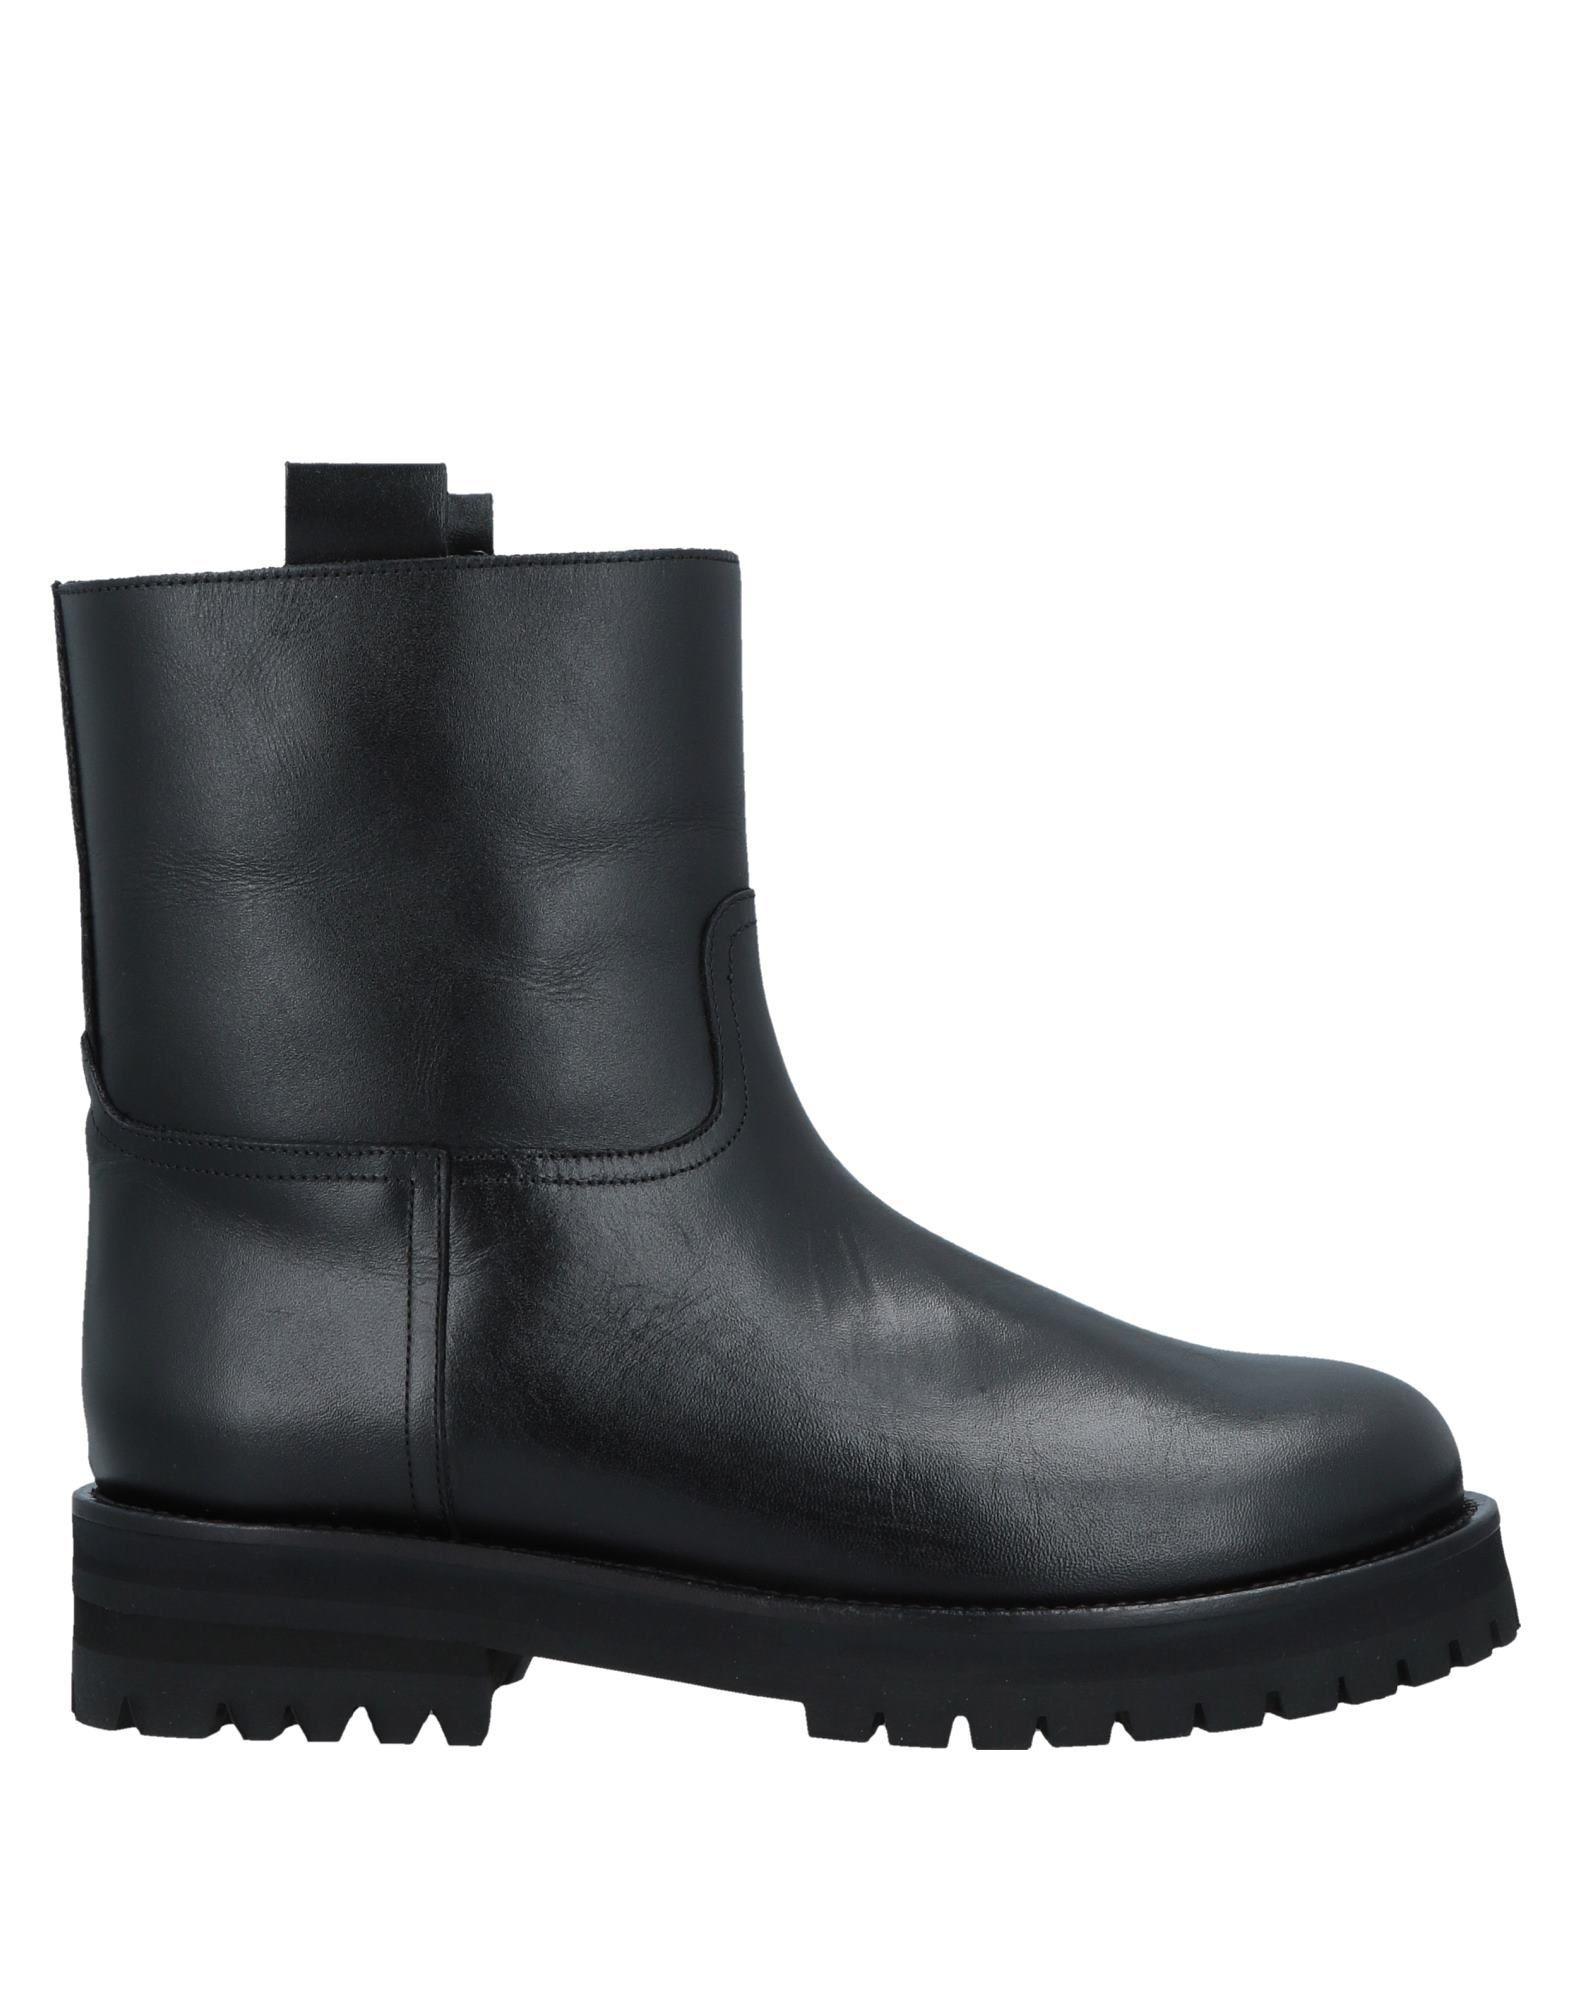 L' Autre Chose Black Calf Leather Ankle Boots